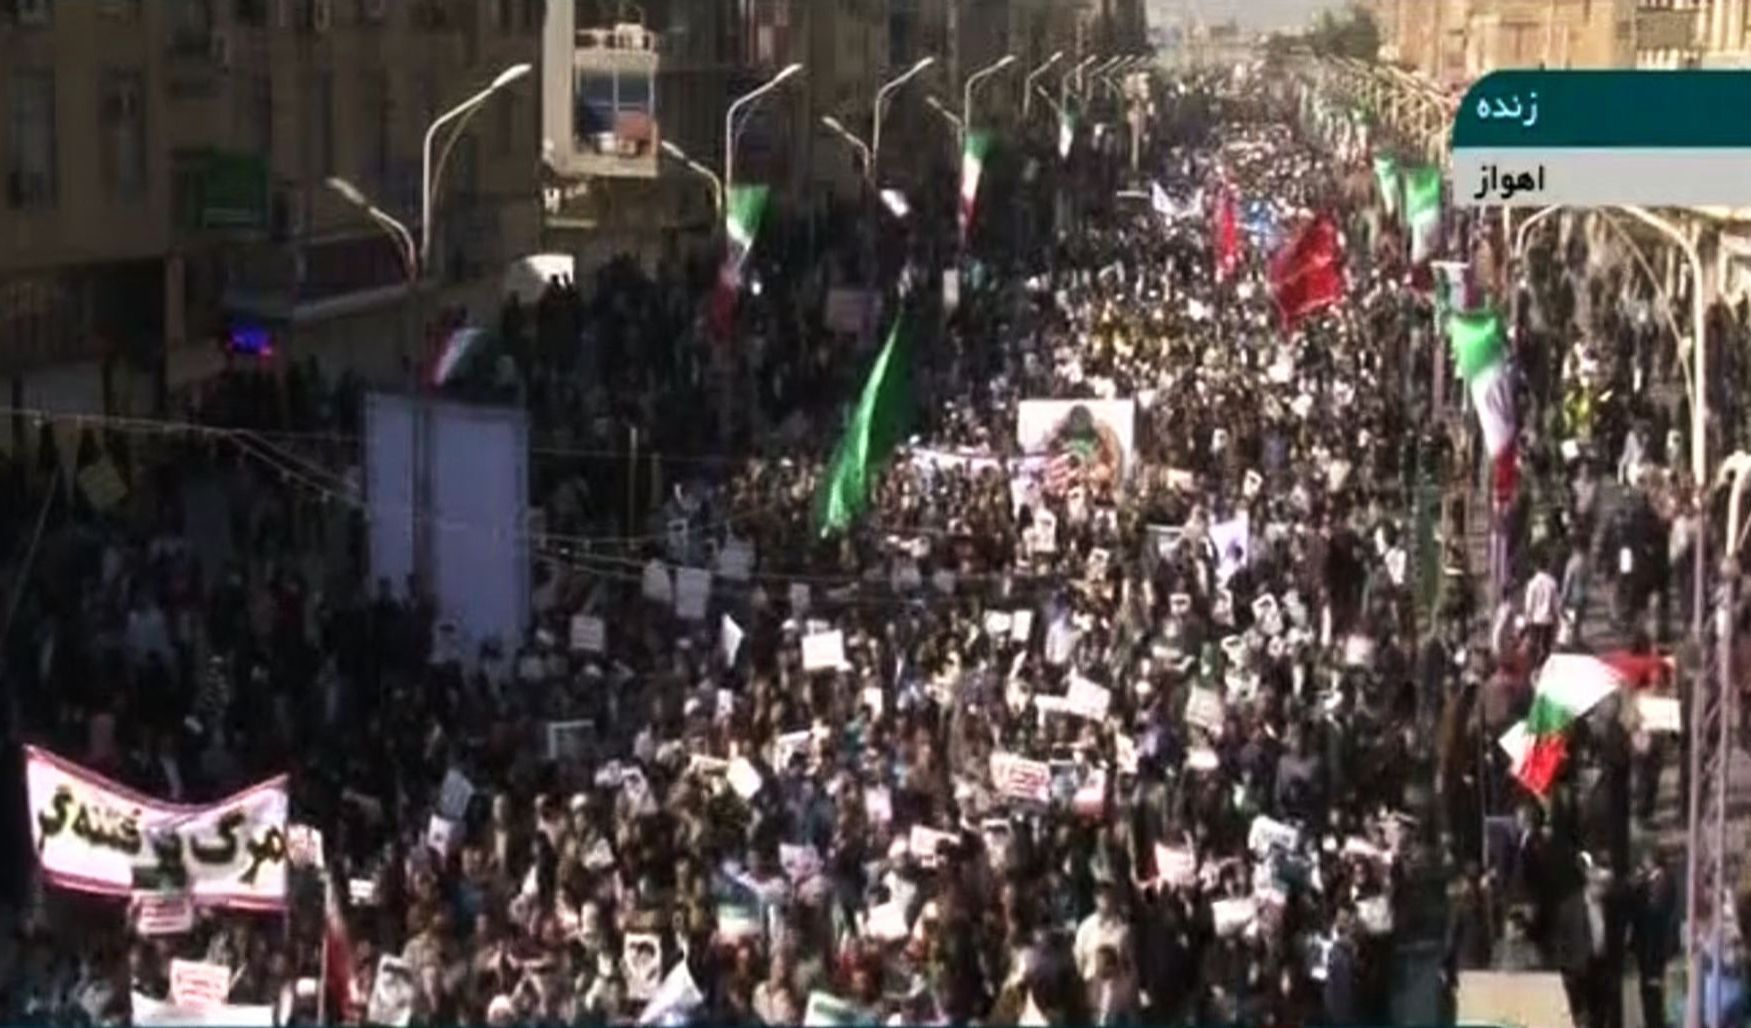 STØTTER REGJERINGEN: Dette skjermbildet tatt fra en sending på den statlige kanalen IRINN viser gater som fylles av mennesker som markerer støtte til regimet i Iran.